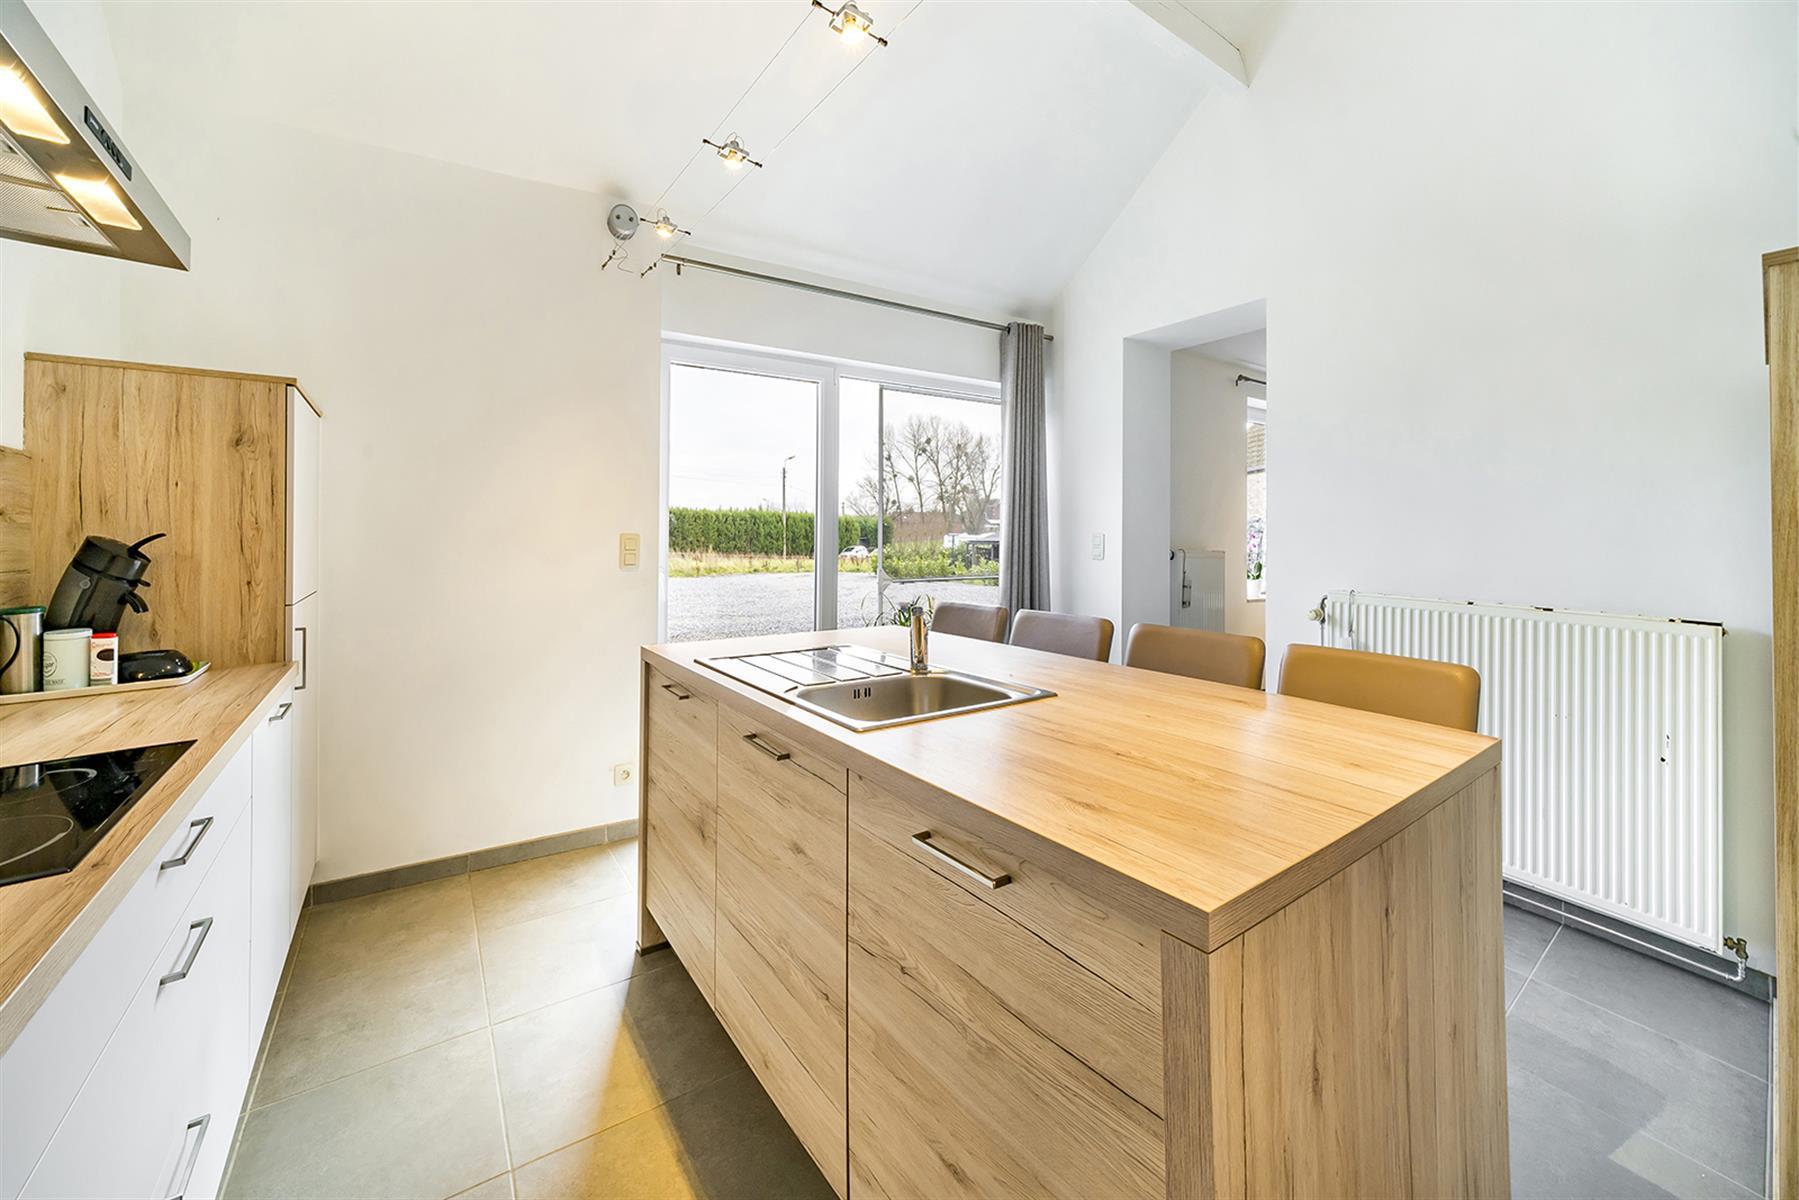 Maison - Saint-Georgessur-Meuse - #3638461-9